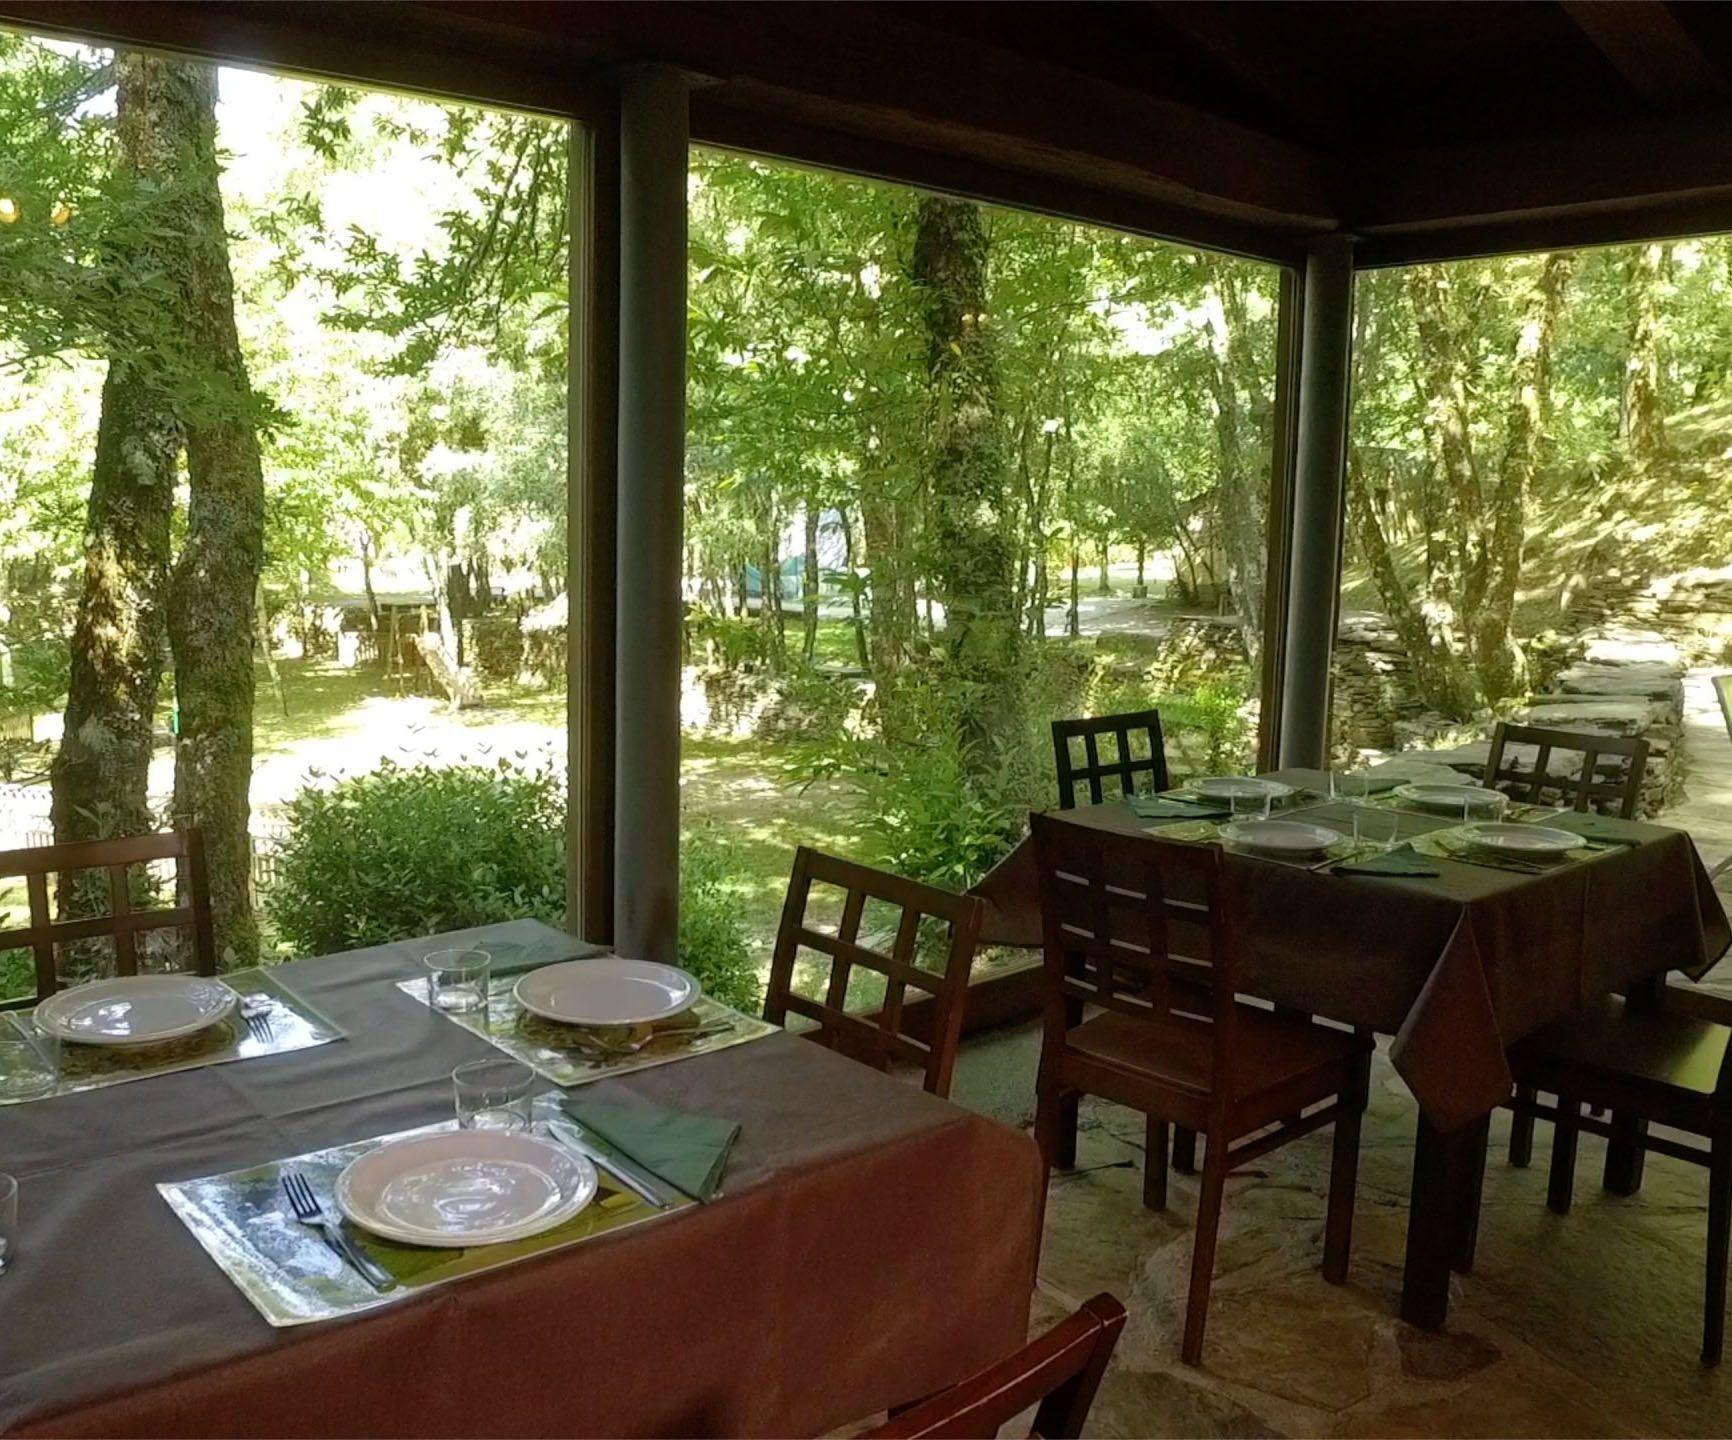 Instalaciones - Restaurante del Acampamento Caurel